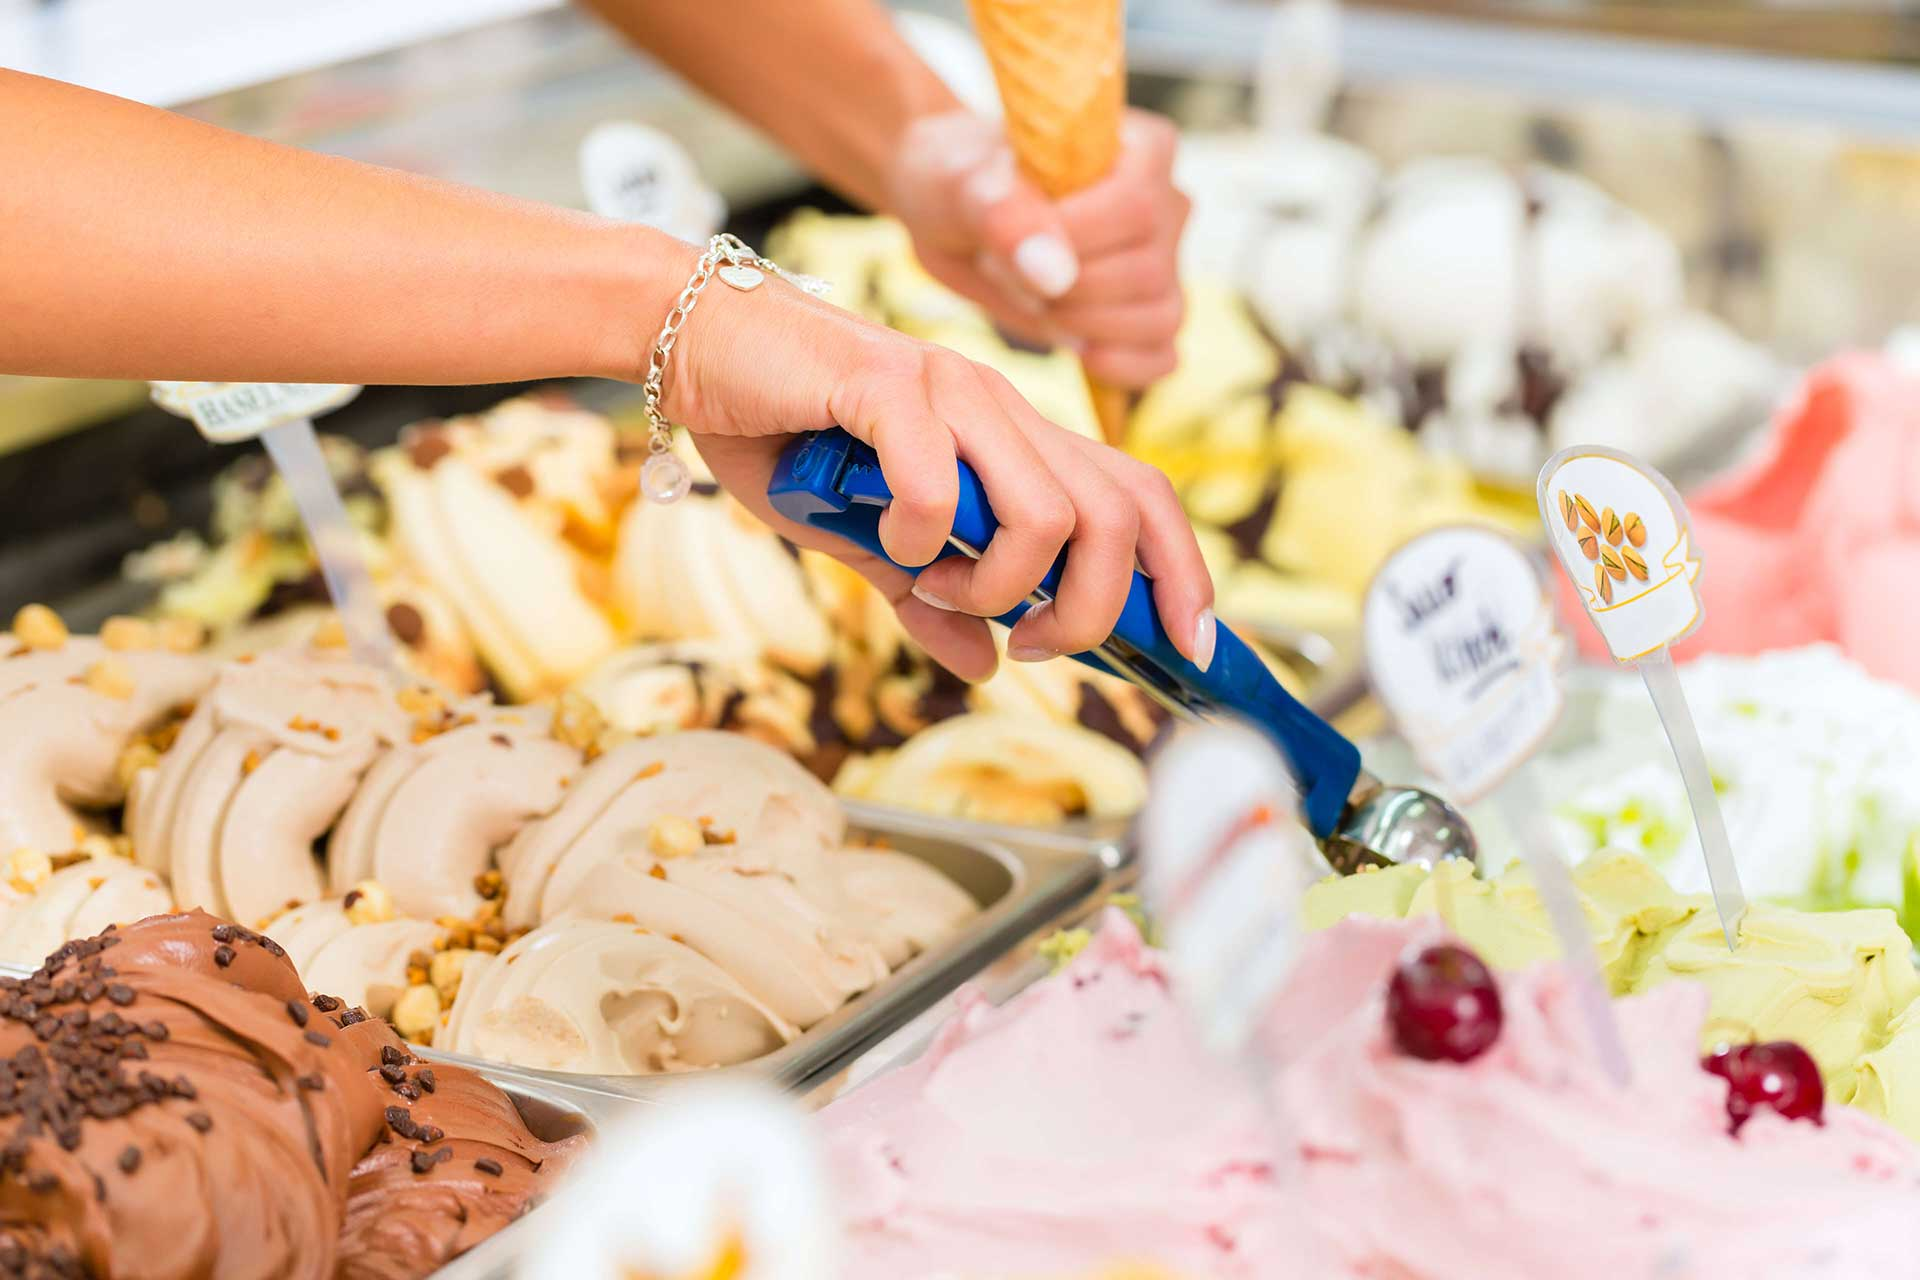 חומרי גלם לגלידה איטלקית: בסיסים, פסטות (טעמים), וריגטו